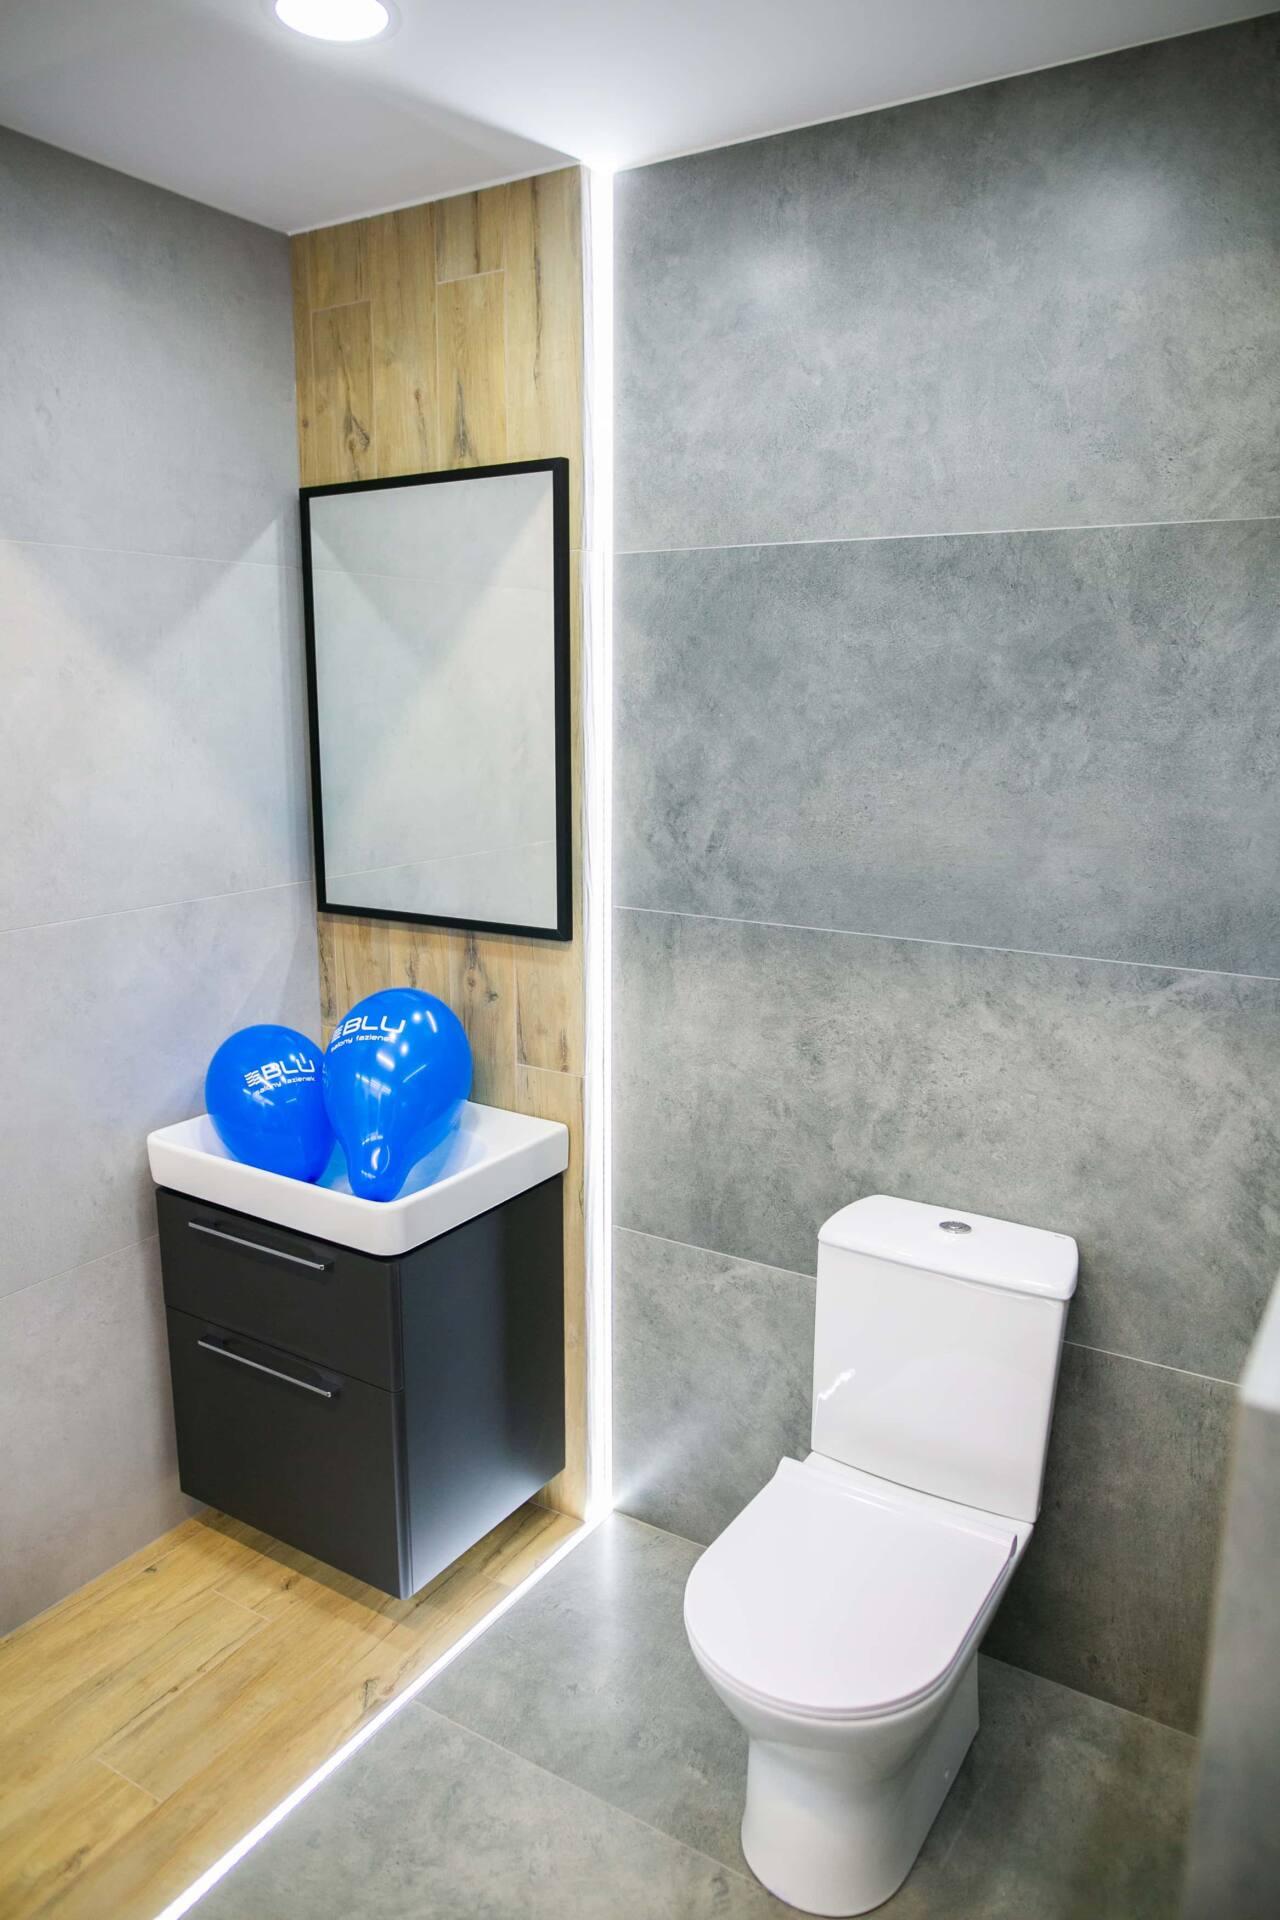 5db 5601 Salon BLU: na ponad 500 m2., 36 łazienkowych aranżacji i bogata ekspozycja wyposażenia (zdjęcia)